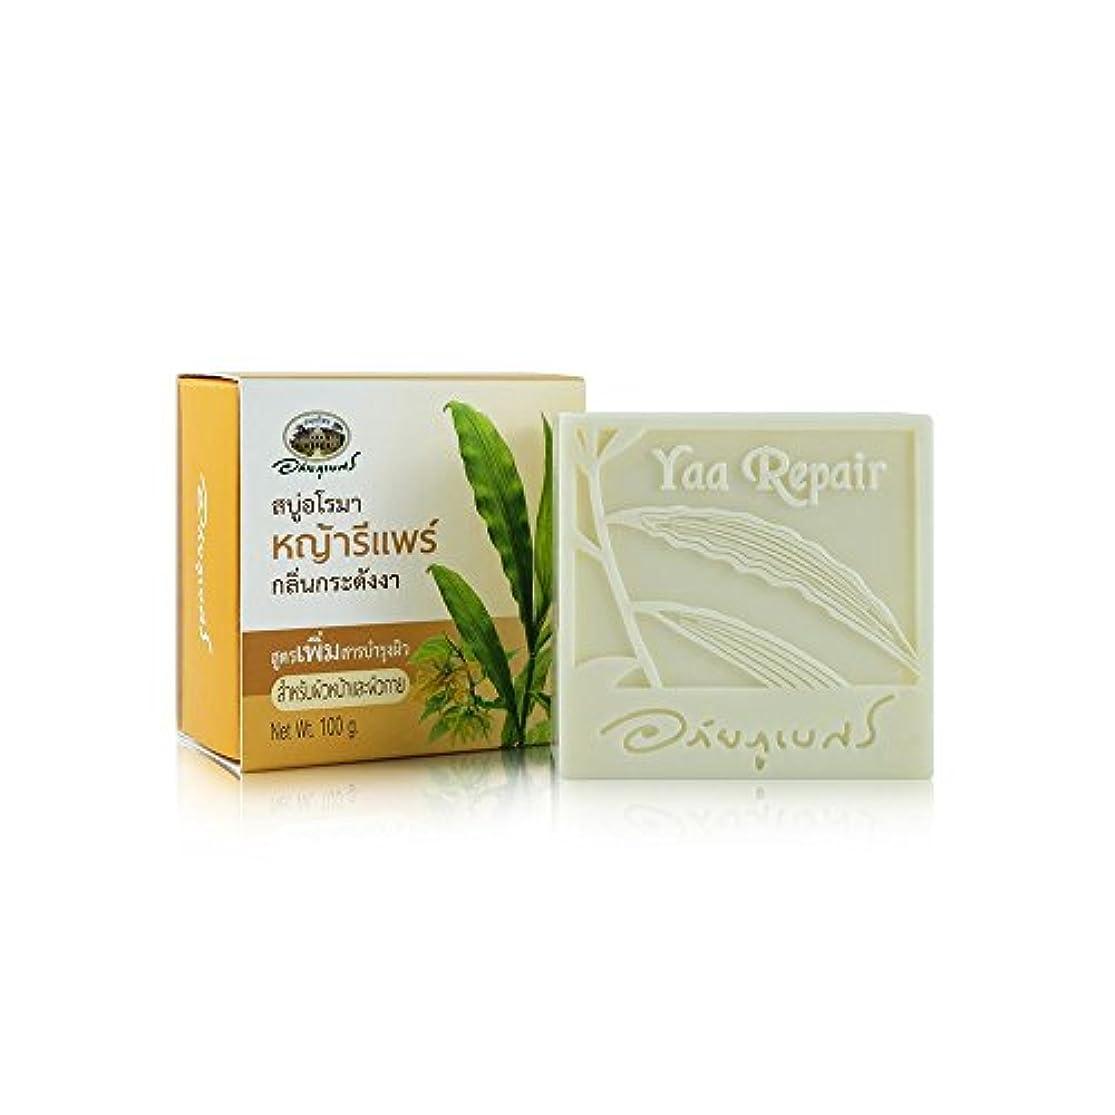 打ち上げるサイレントガラスAbhaibhubejhr Thai Aromatherapy With Ylang Ylang Skin Care Formula Herbal Body Face Cleaning Soap 100g.